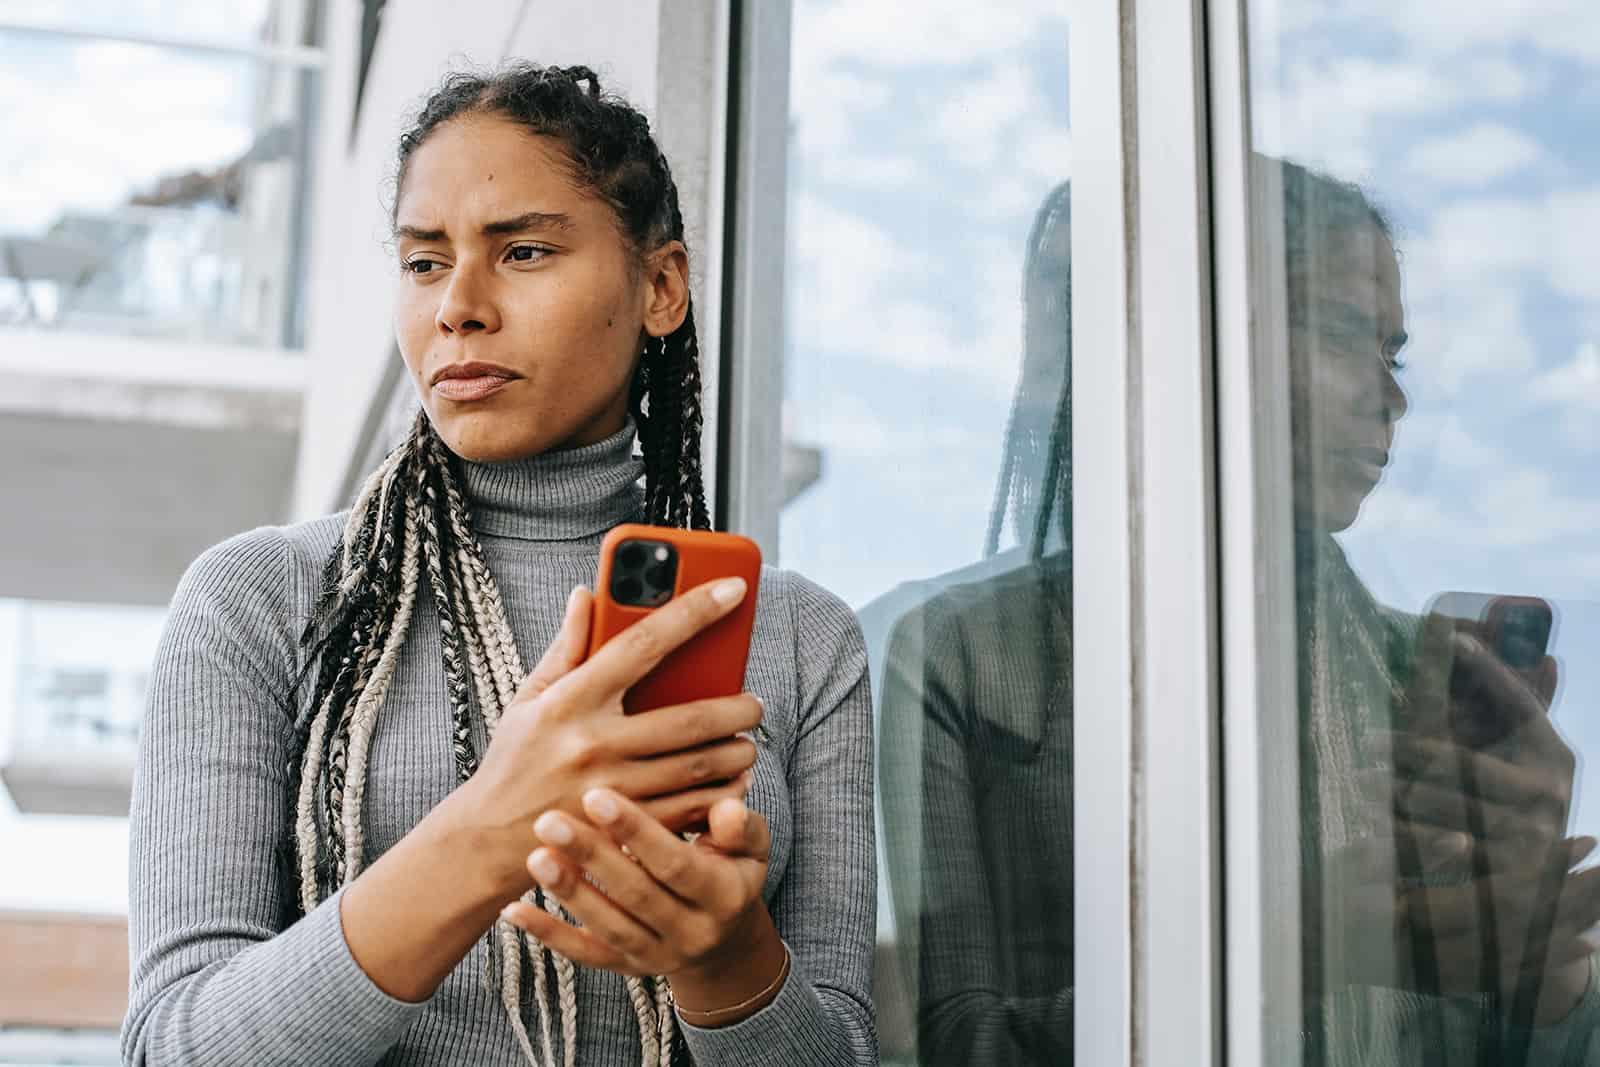 eine nachdenkliche Frau, die ihr Smartphone hält, während sie auf dem Balkon steht